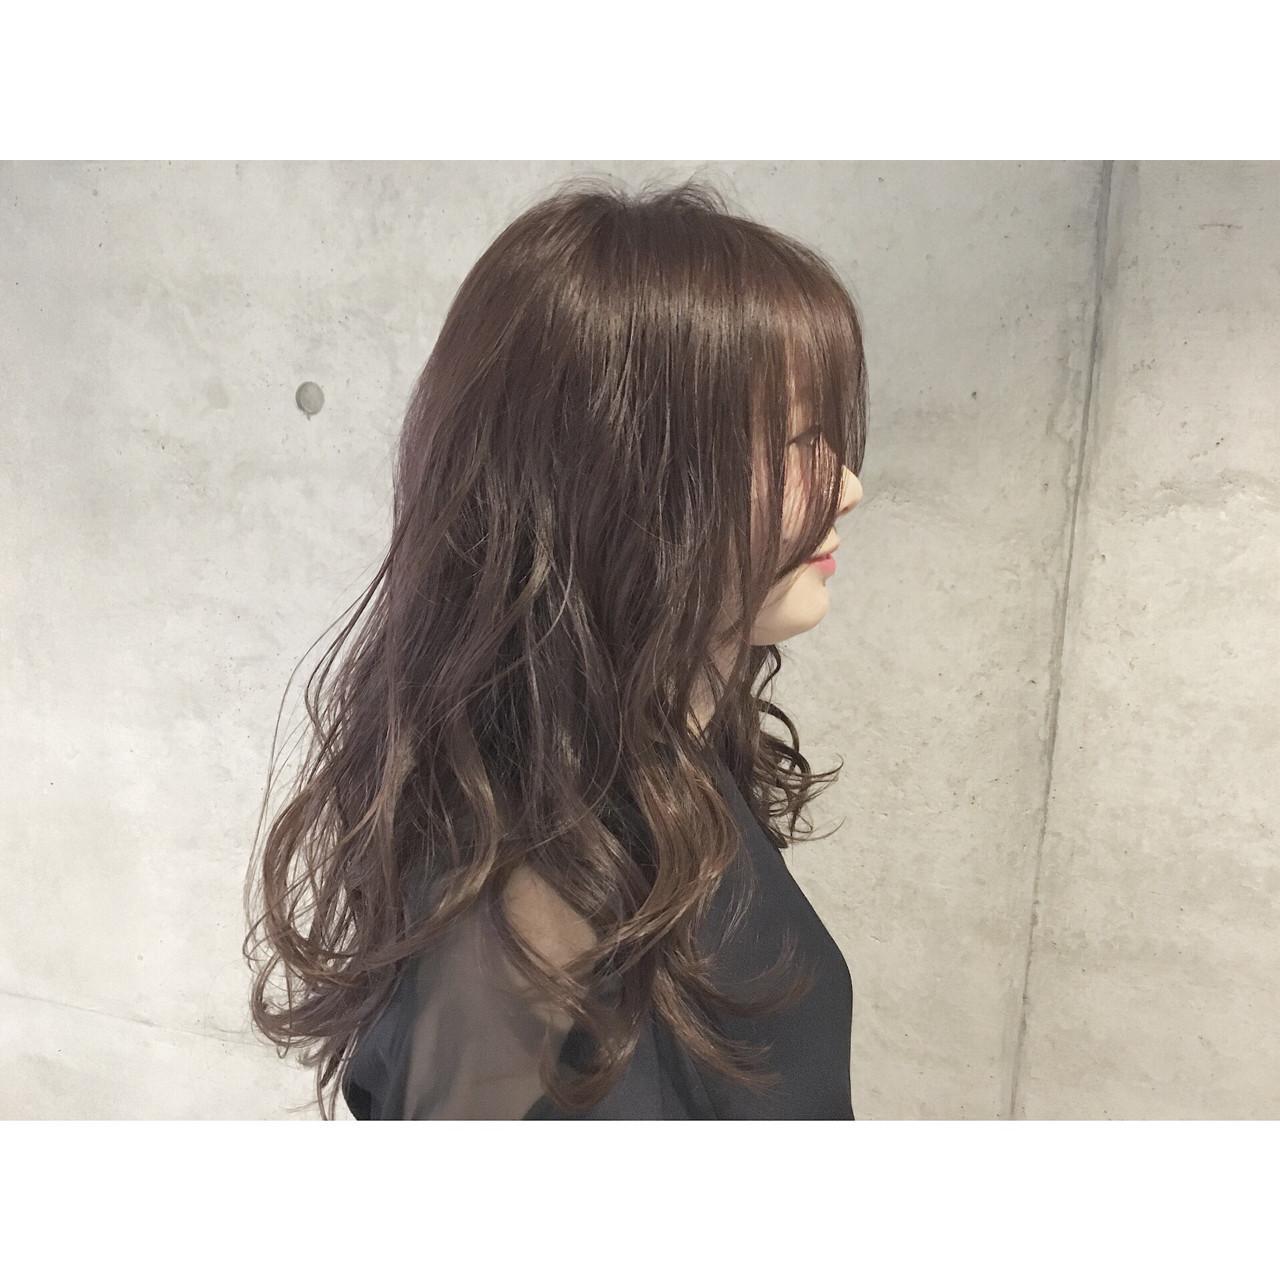 ナチュラル 暗髪 ゆるふわ アッシュ ヘアスタイルや髪型の写真・画像 | Sayaka / diptyMOILA